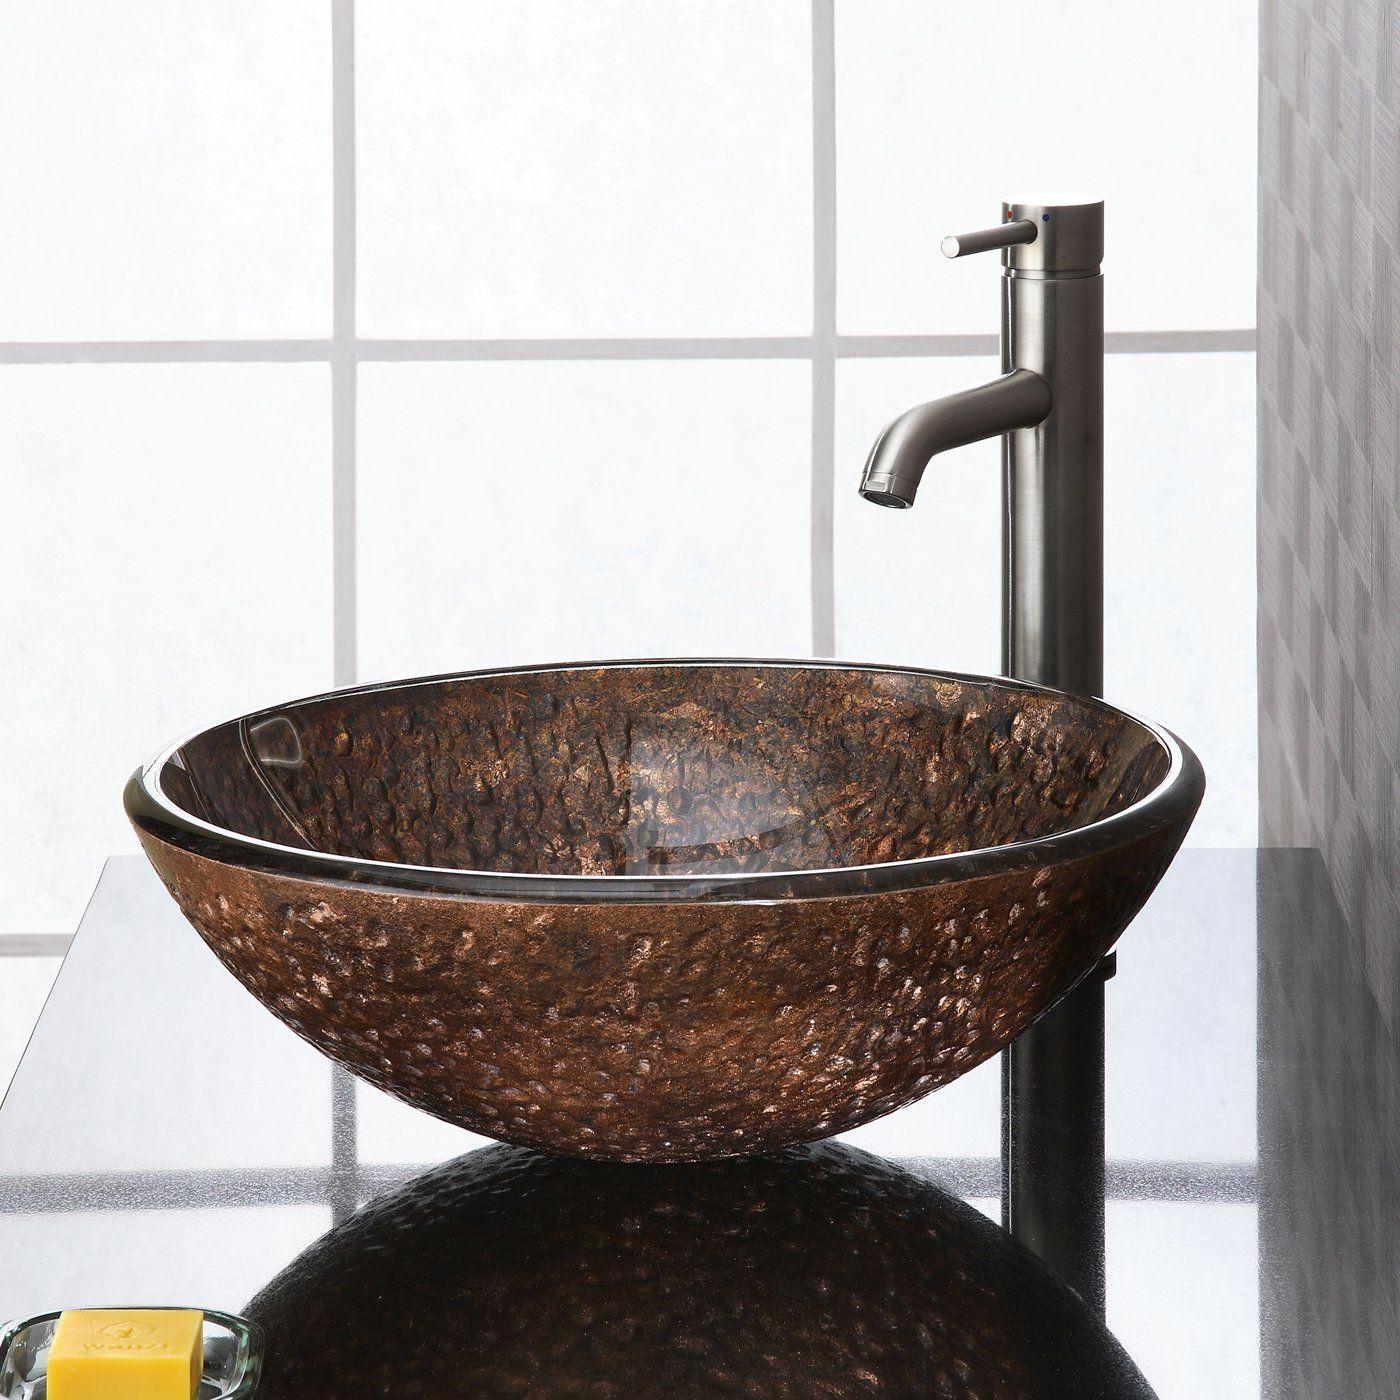 Bathroom Sinks Lowes Canada shop ryvyr rve165scg reflex vessel sink, copper at lowe's canada